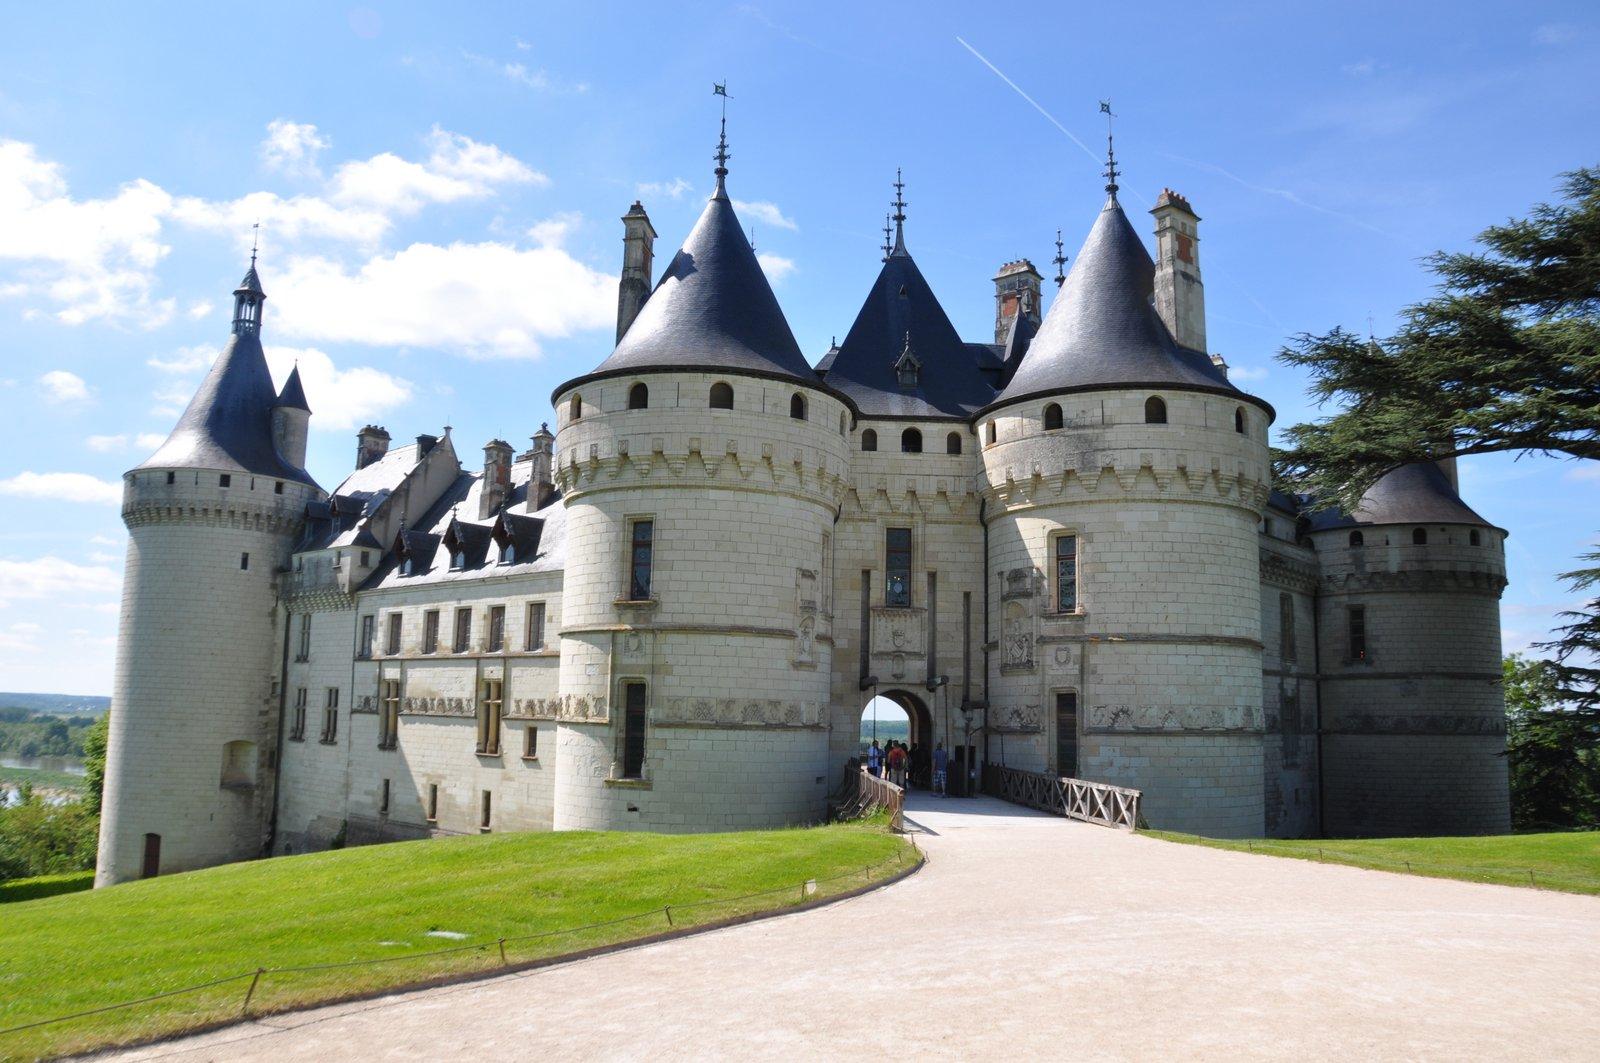 Chateau de la loire logement